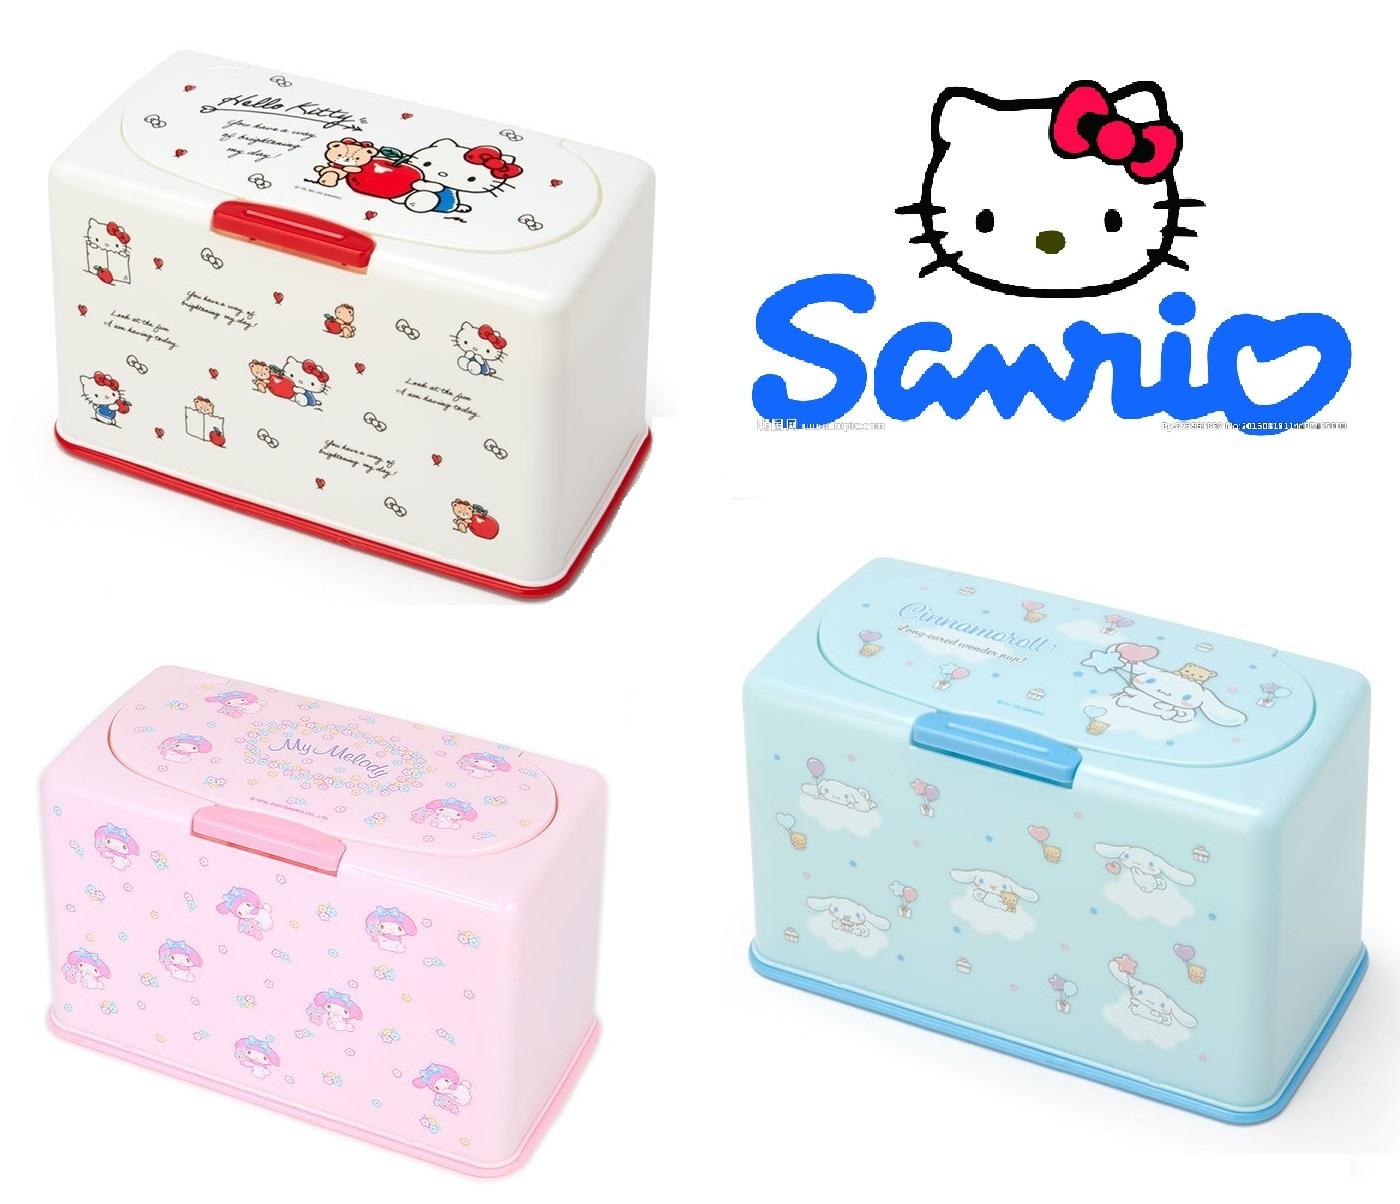 三麗鷗Sanrio《現貨》kitty凱蒂貓 美樂蒂My melody 大耳狗掀蓋口罩收納盒-日用品~日本正品~心心小舖